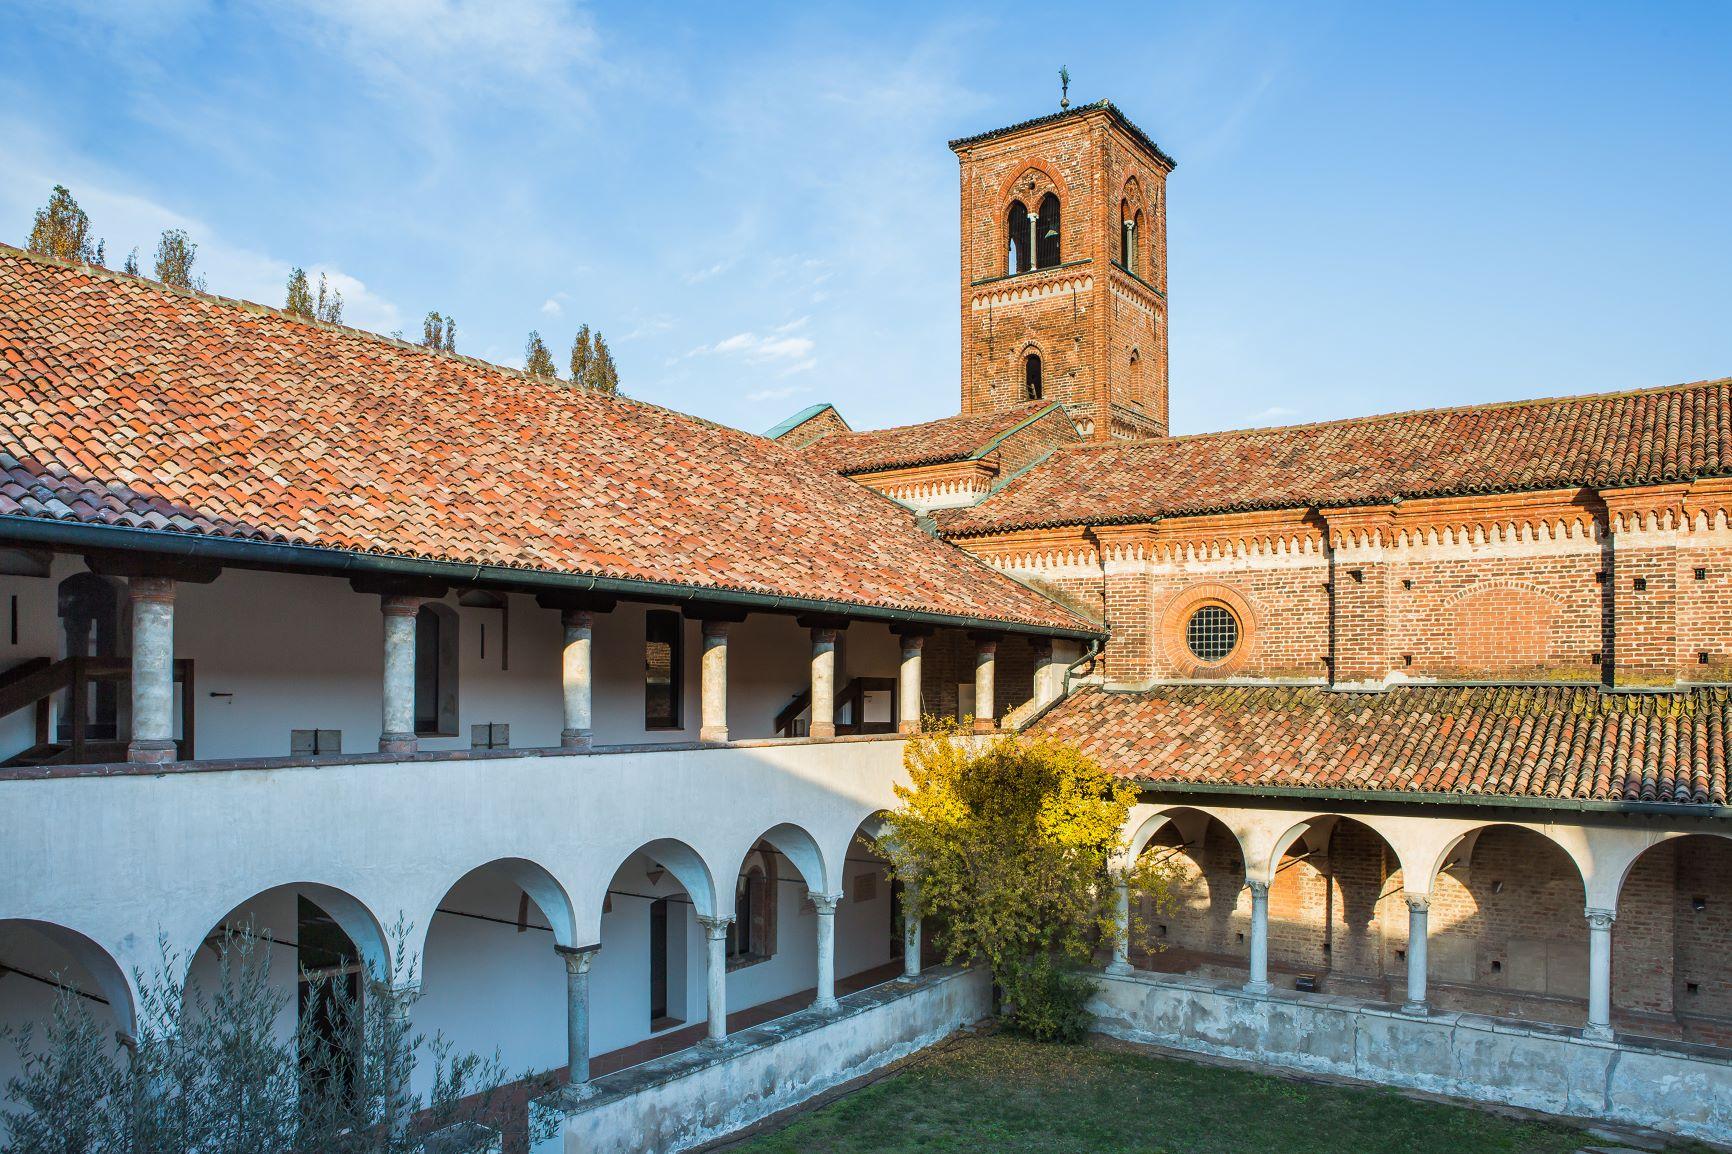 Dai un futuro alla storia: la raccolta fondi per il restauro del campanile dell'Abbazia di Mirasole